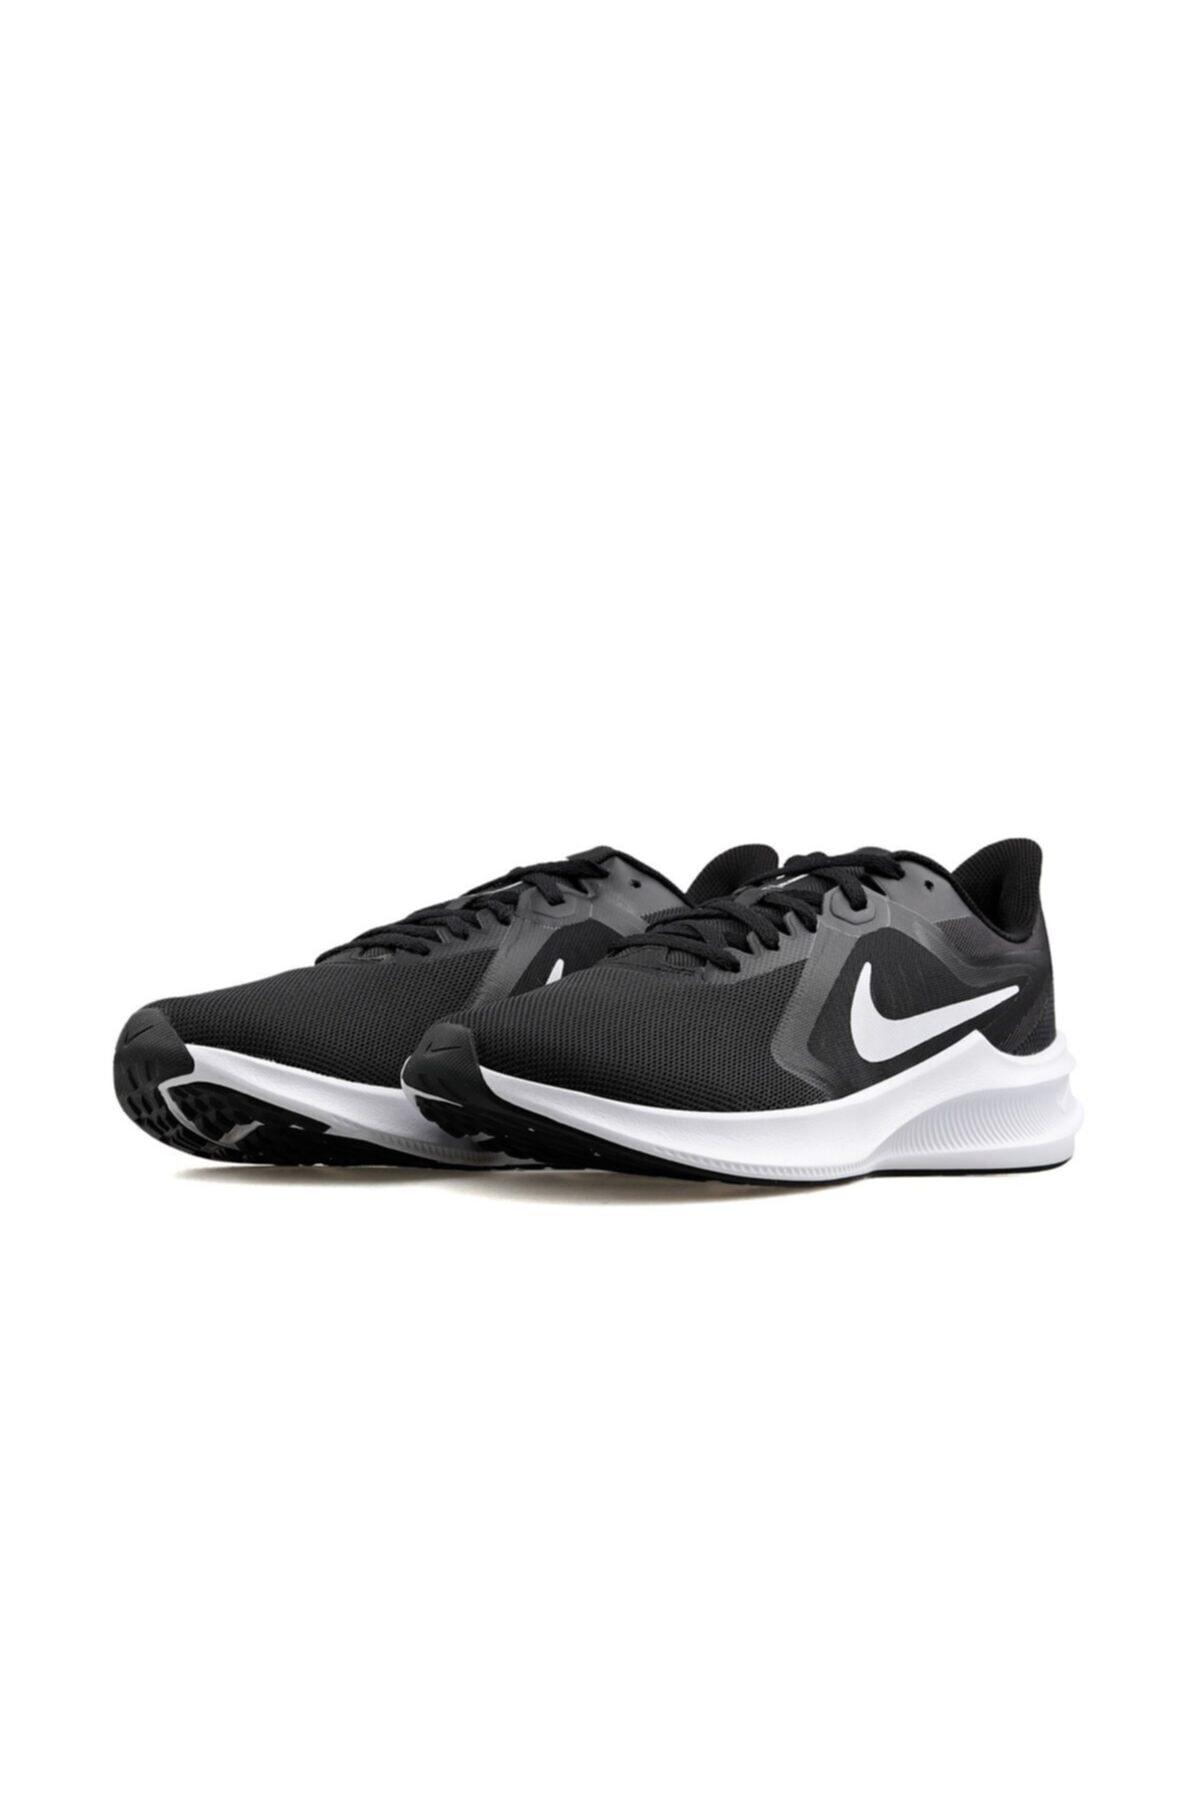 Nıke Downshıfter 10 Erkek Spor Ayakkabısı